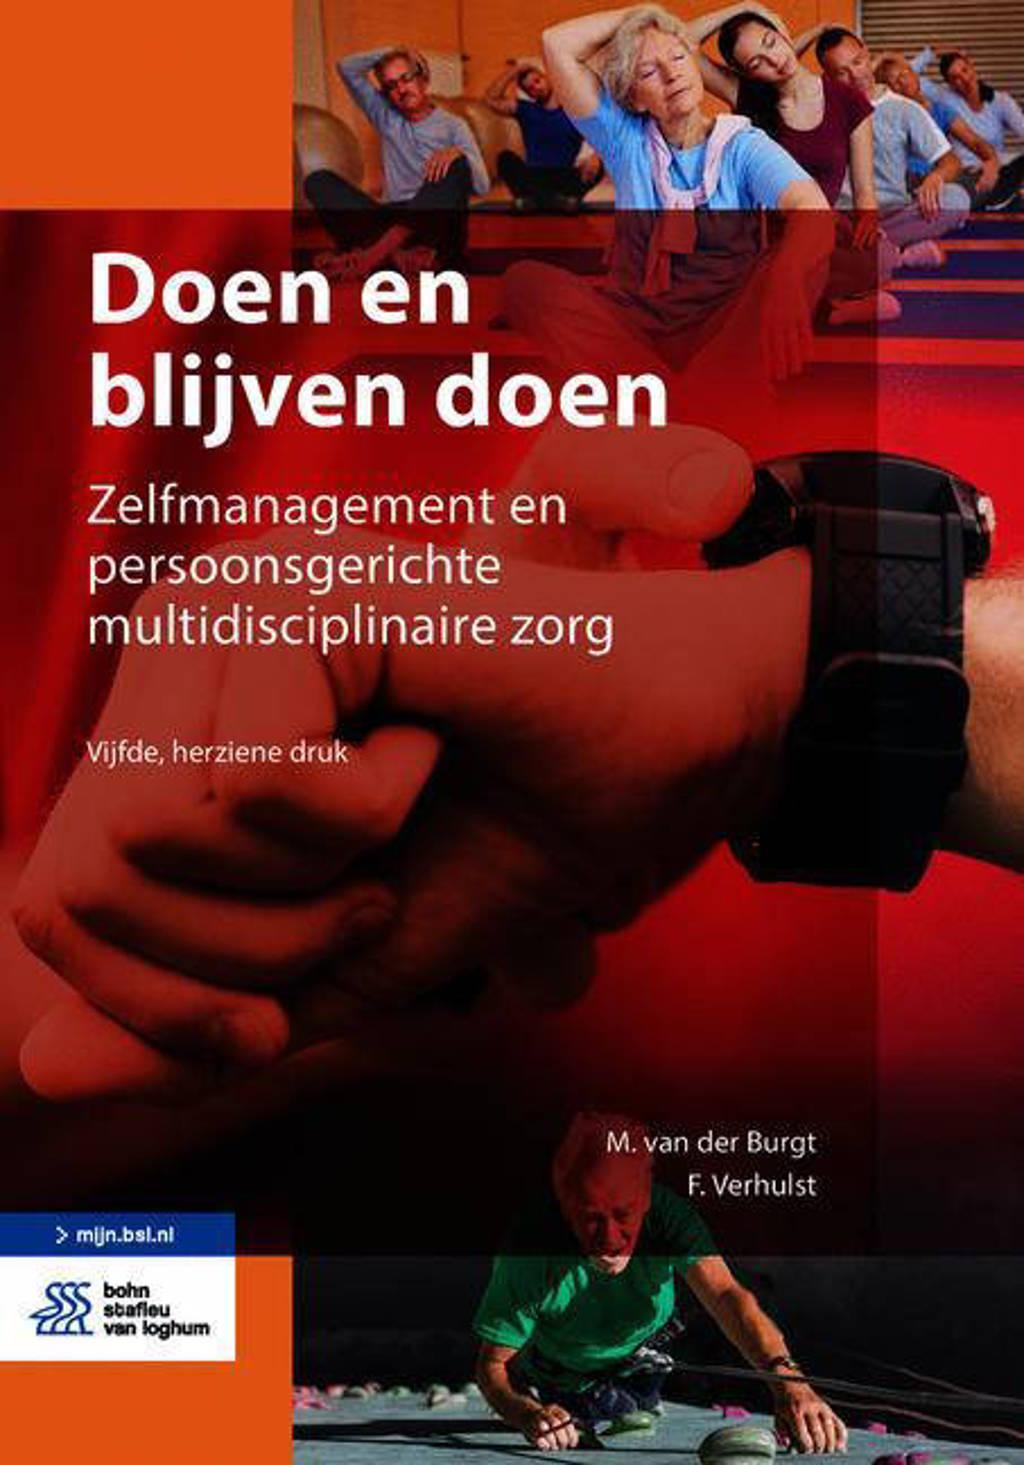 Doen en blijven doen - M. van der Burgt en F. Verhulst